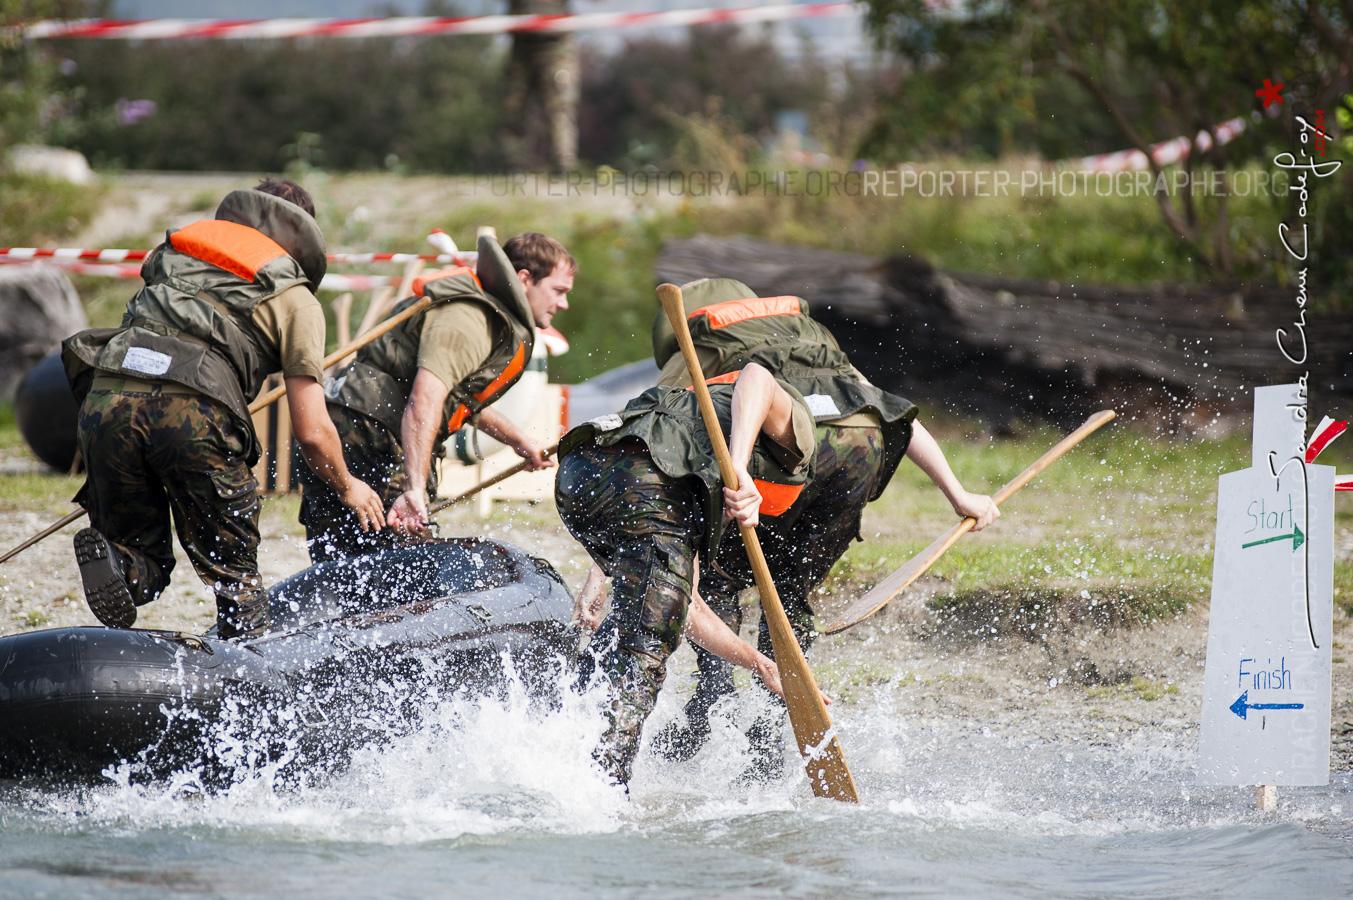 Raiders du SRC tirant leur bateau sur la plage [Ref:4209-01-0613]